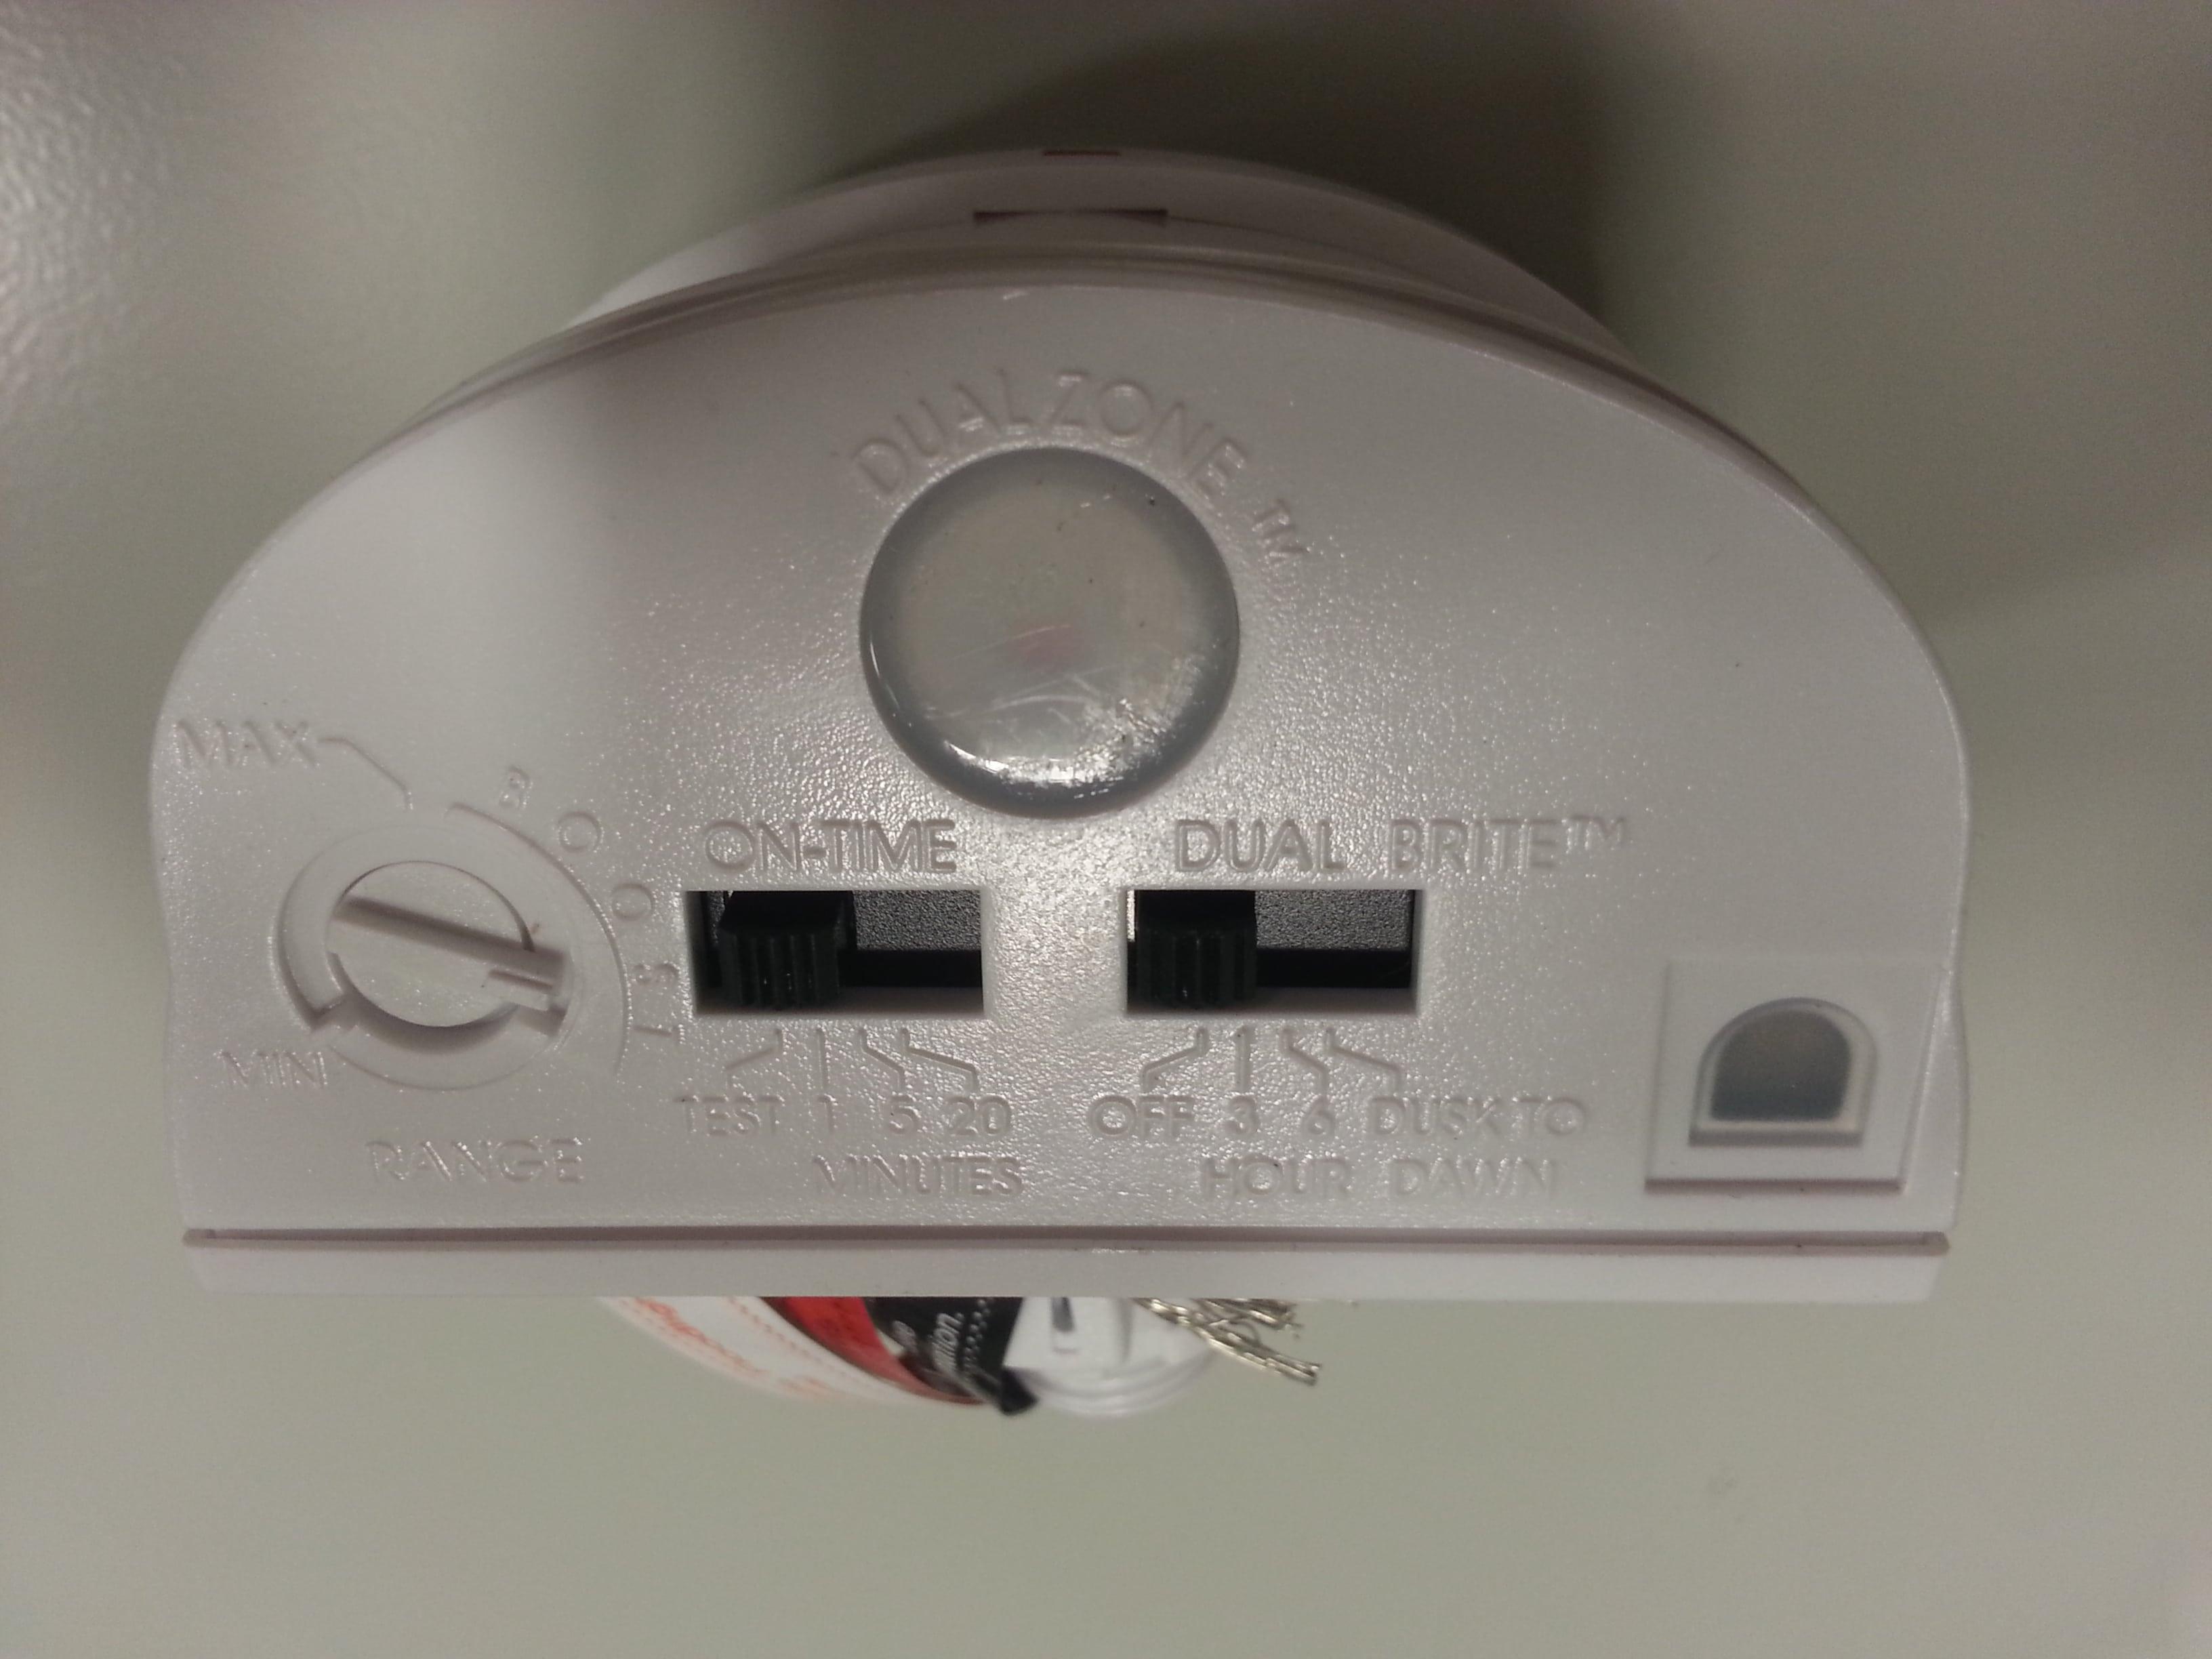 Outdoor Low Voltage Lighting Fixtures-Motion sensor